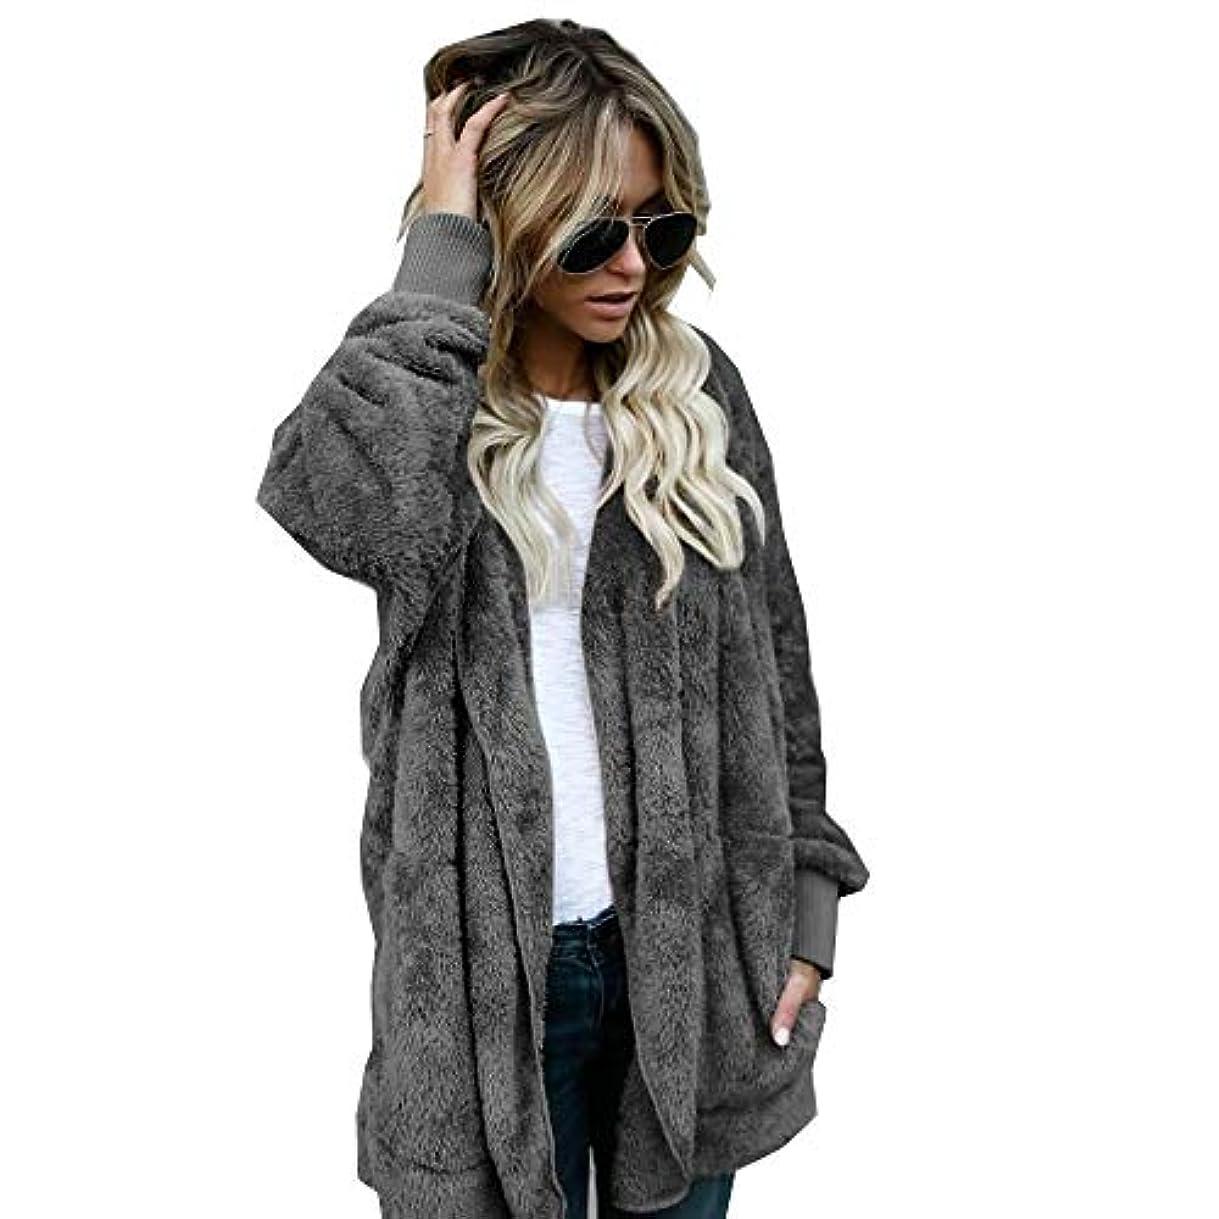 過度の晩餐羊のMIFAN 長袖パーカー、冬のコート、女性のコート、女性の緩い厚く暖かいフェイクファーフード付きカーディガン